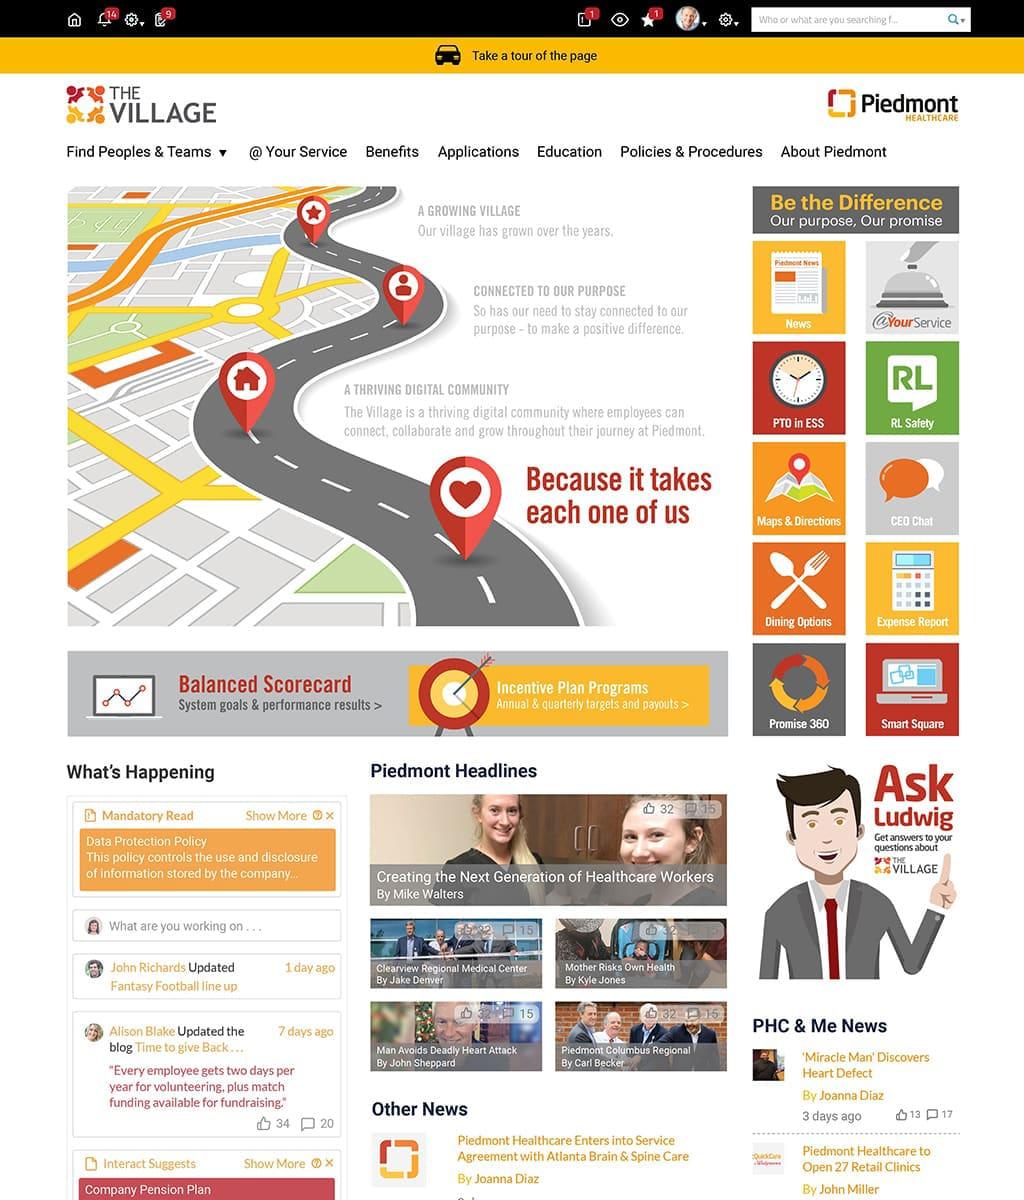 Piedmont Healthcare homepage screenshot.